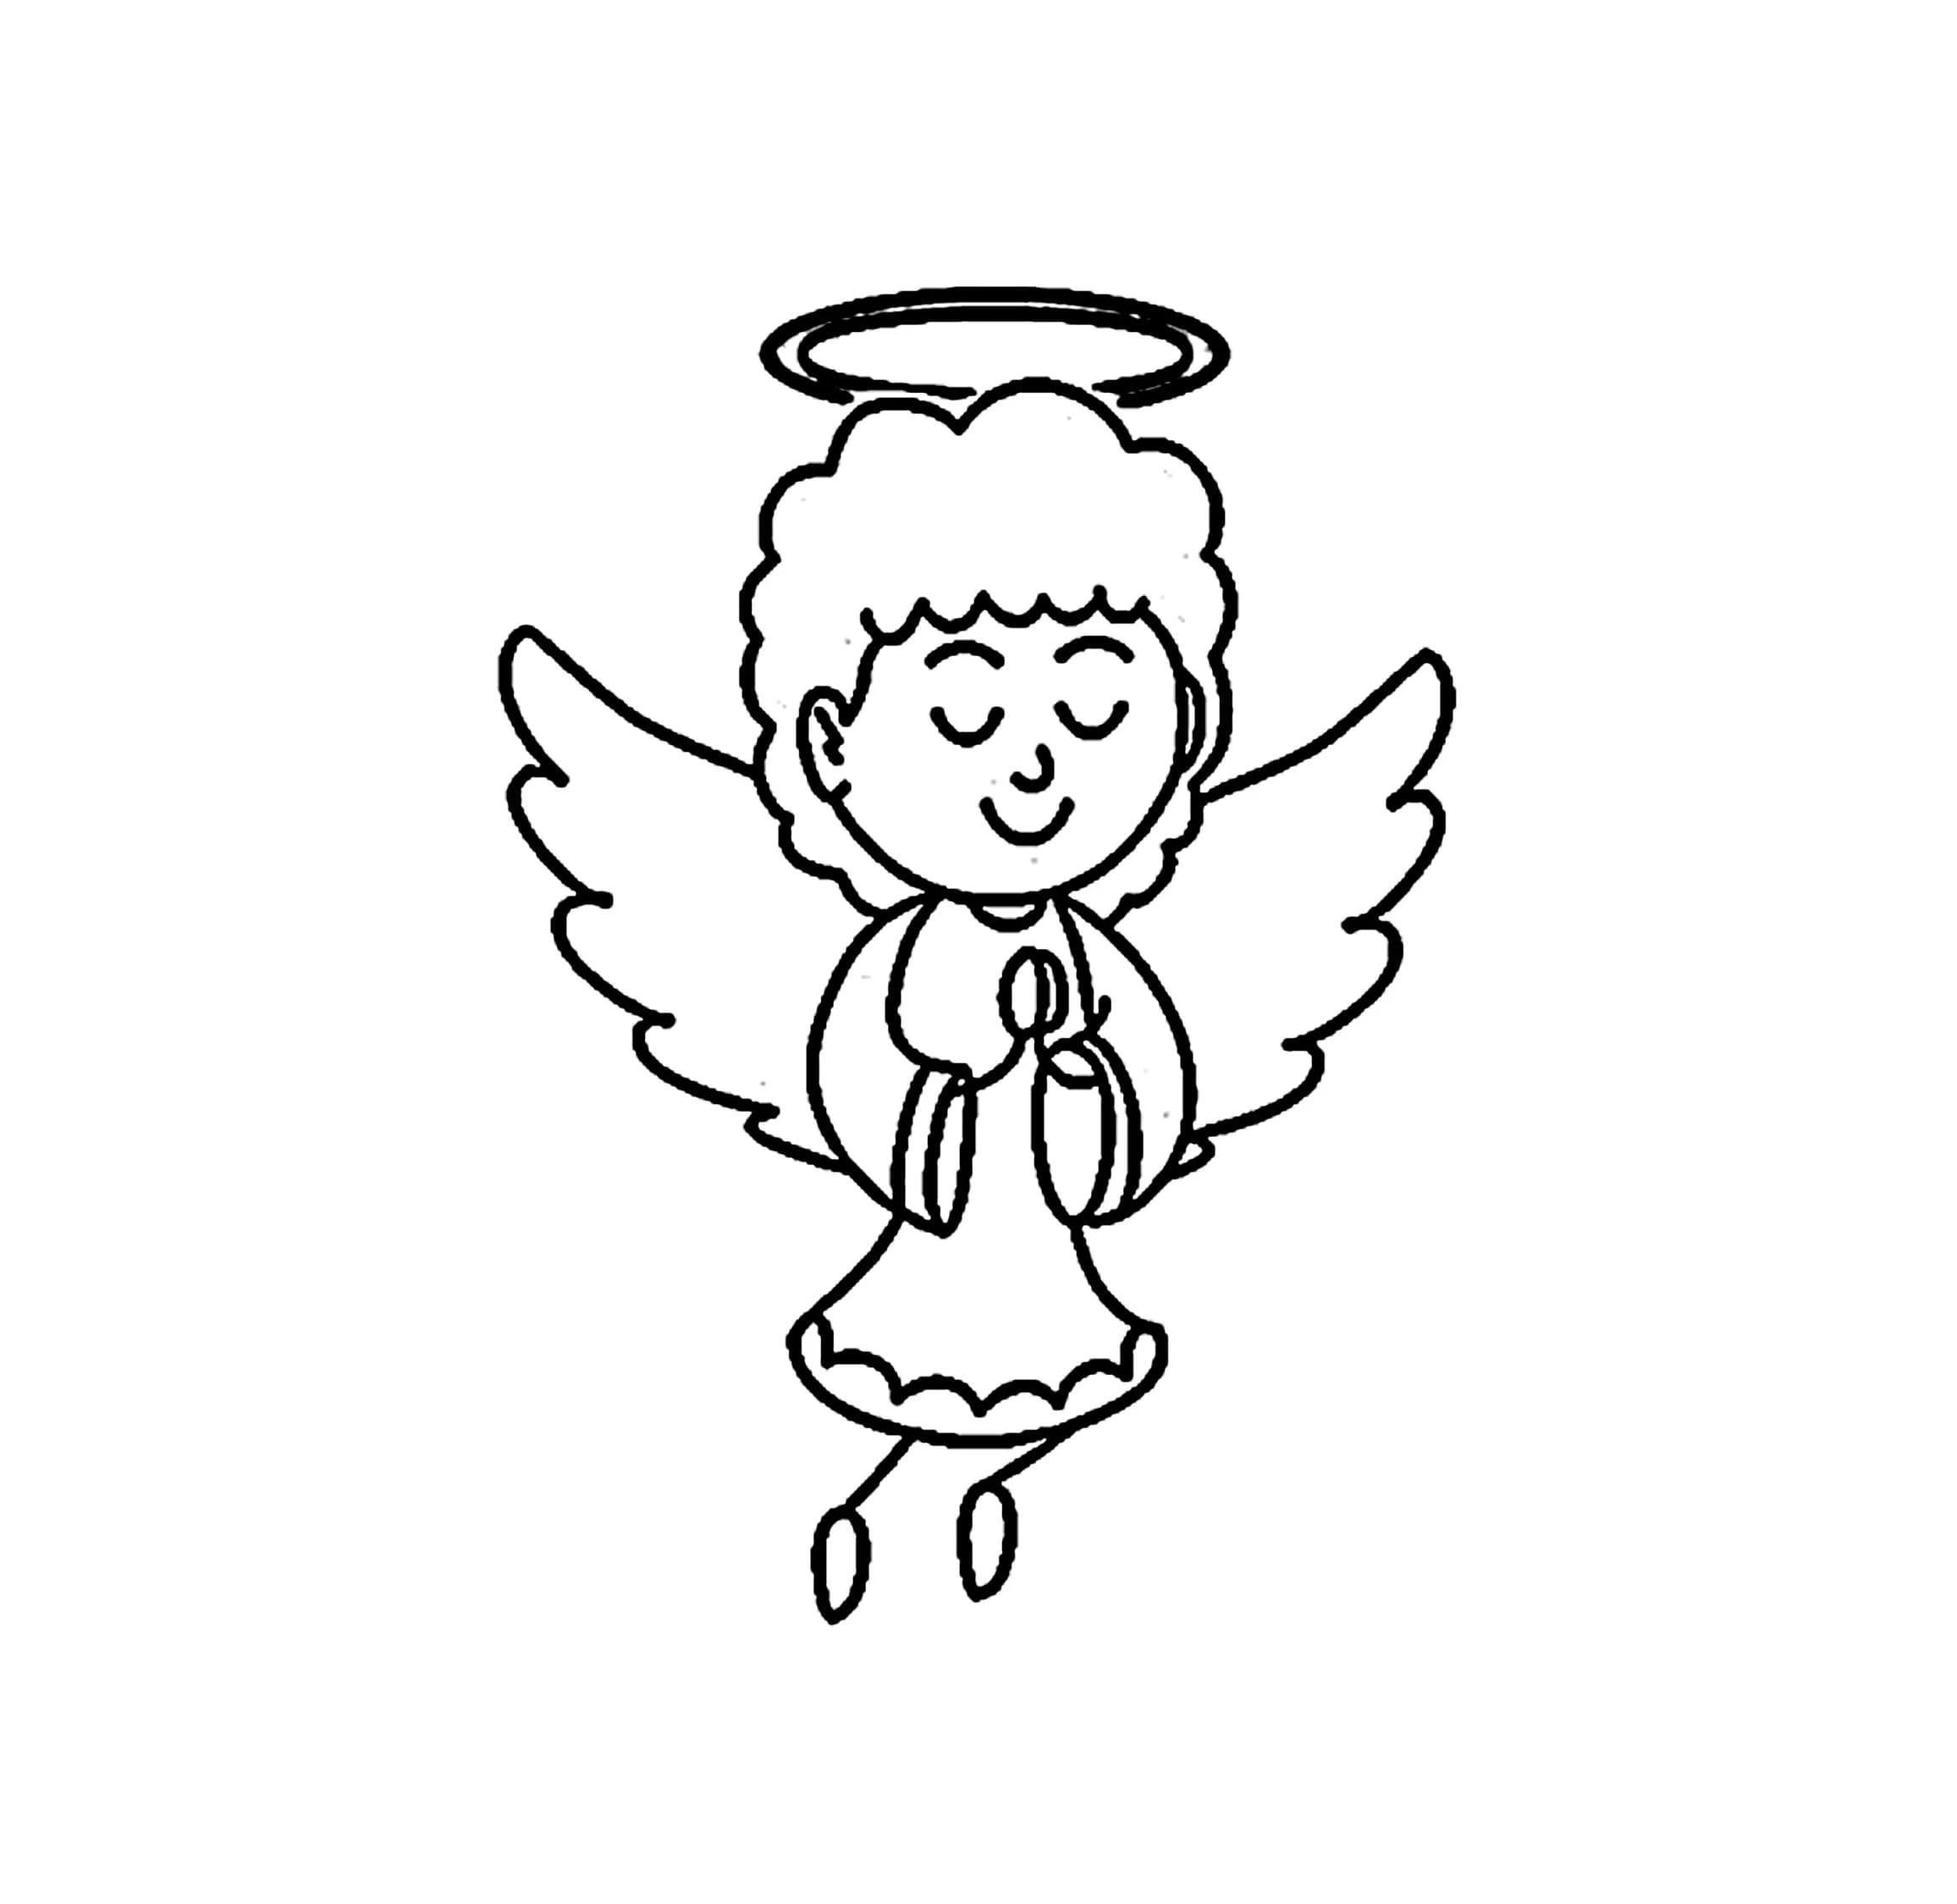 Ausmalbilder Engel  25 Malvorlagen zum kostenlosen Drucken